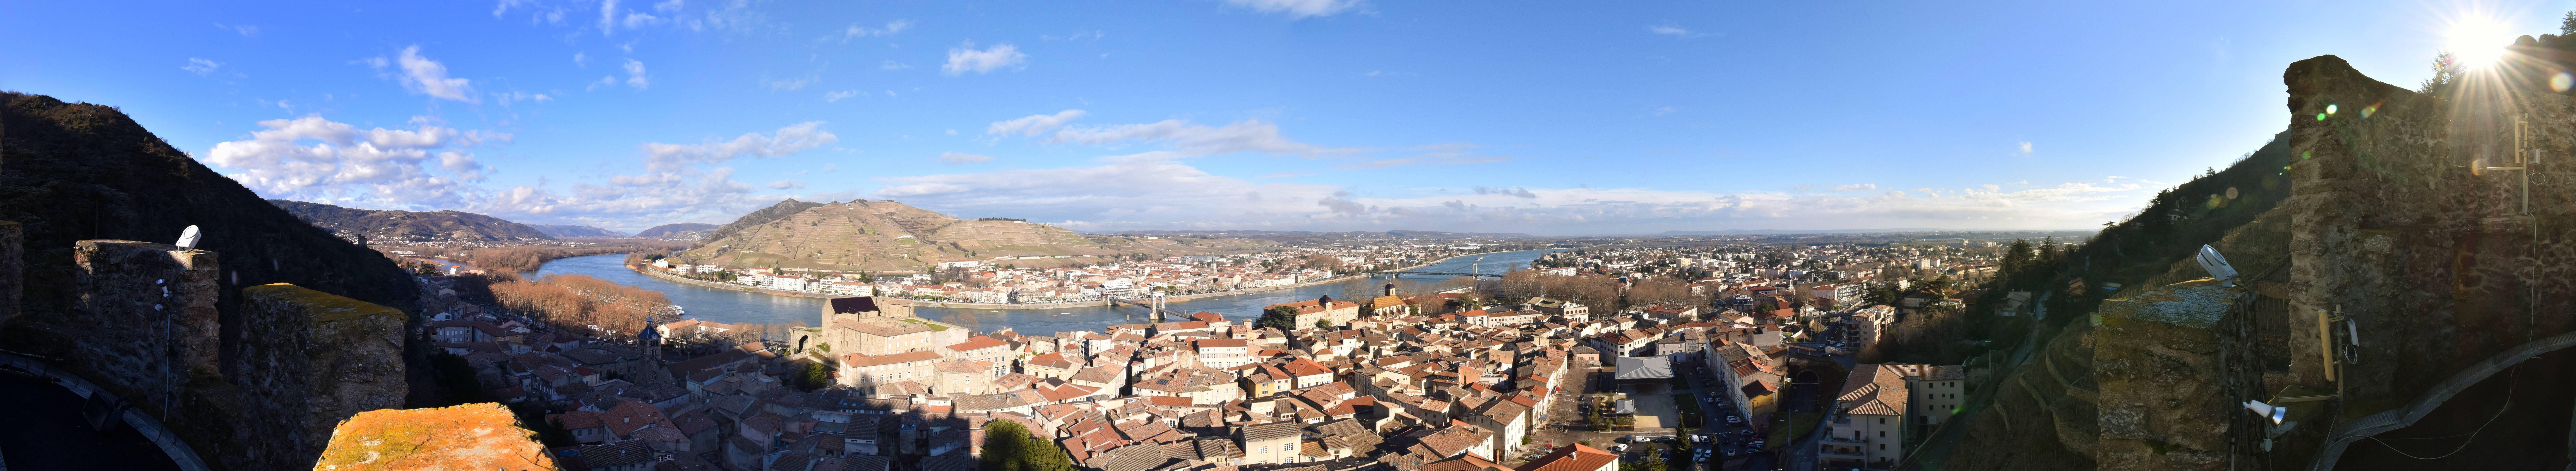 La webcam Ardèche Hermitage